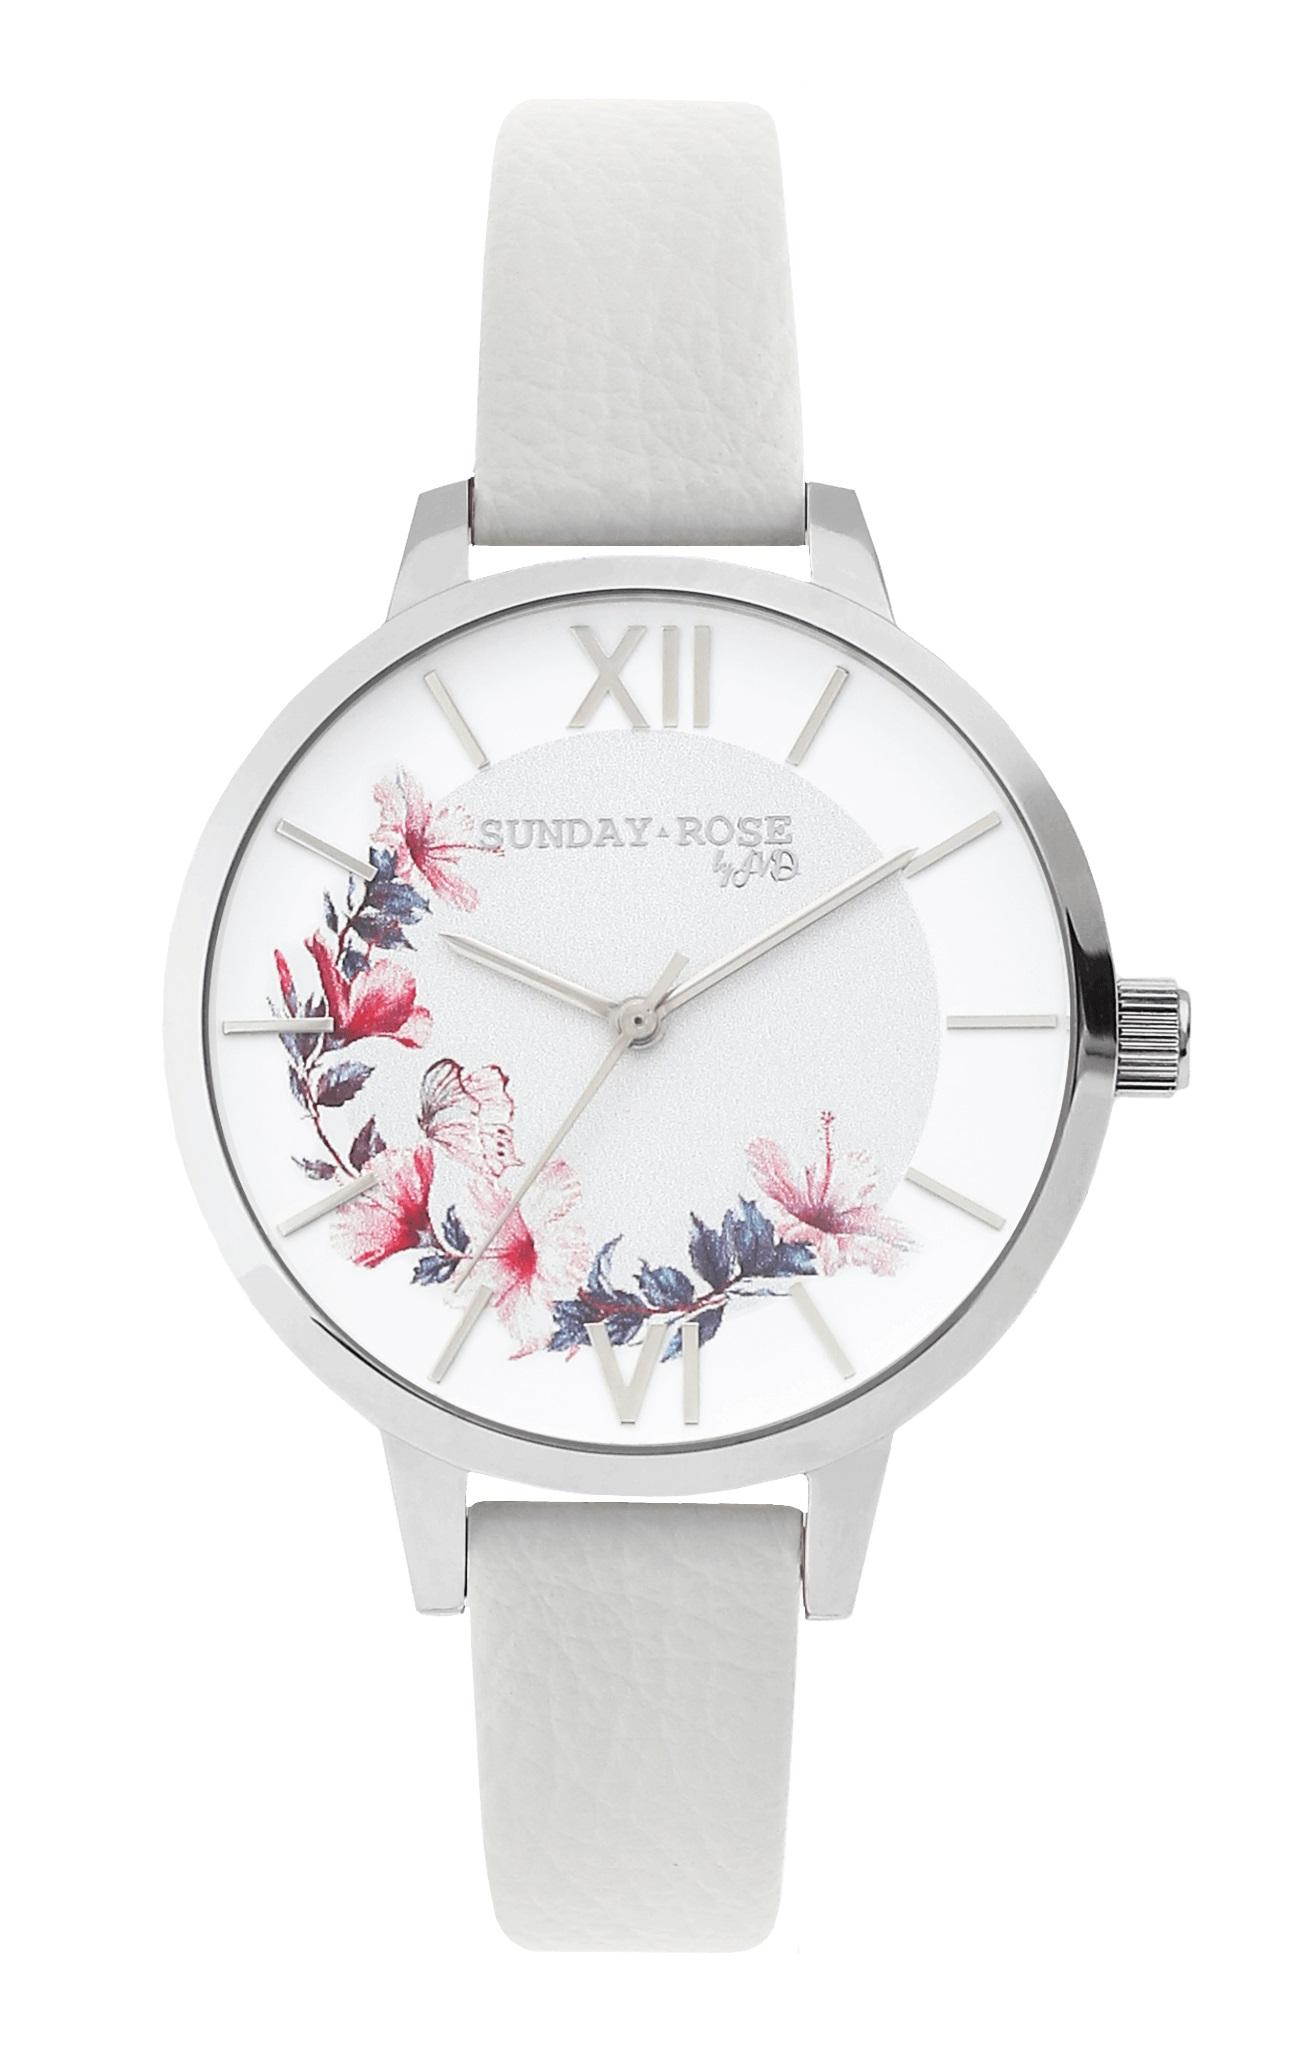 Dámské luxusní designové hodinky SUNDAY ROSE Spirit WILDFLOWER (POŠTOVNÉ ZDARMA!!)